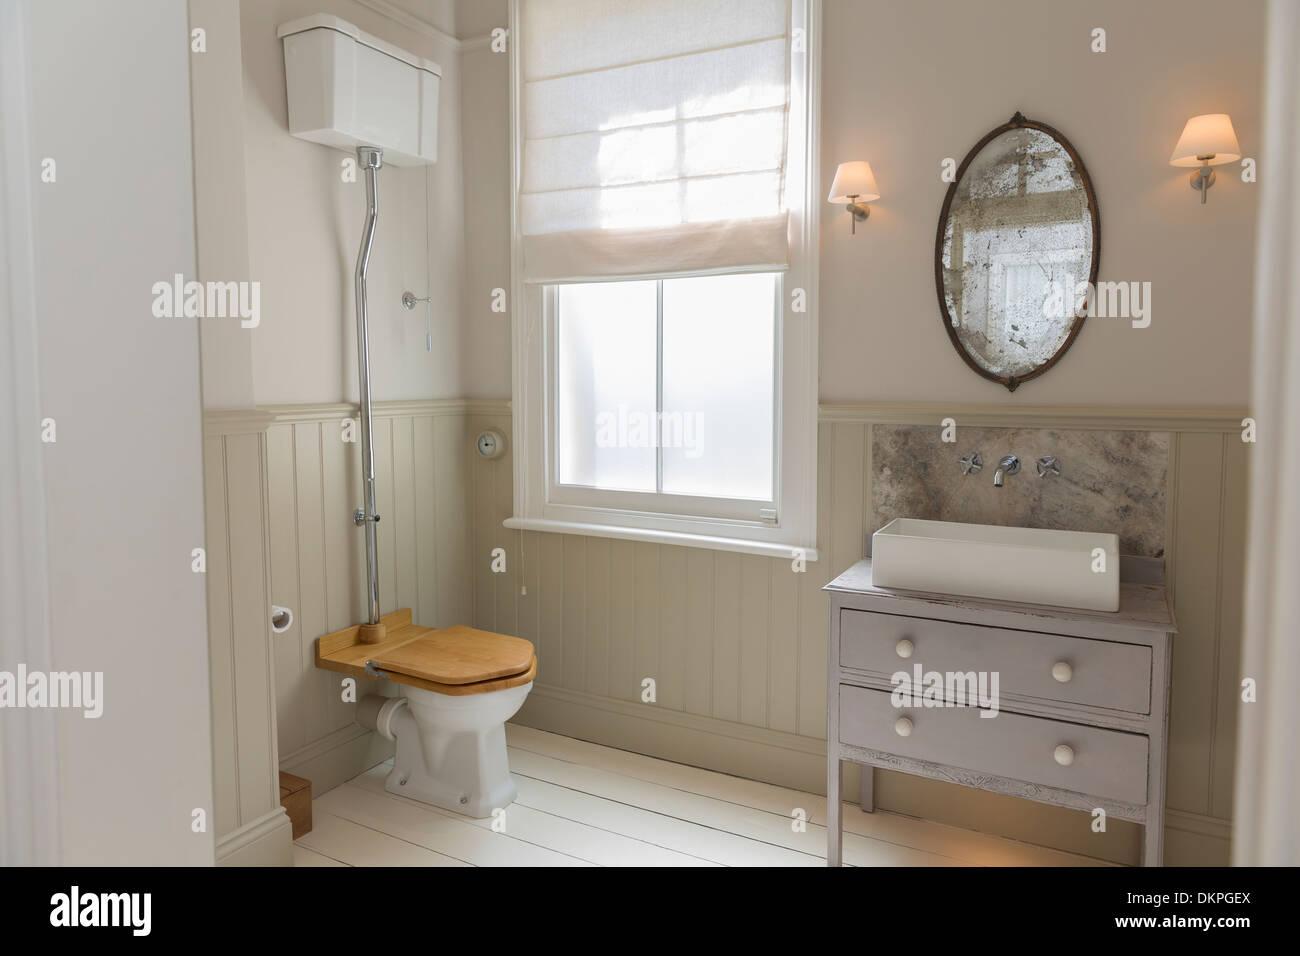 Stockfoto   Toilette Und Waschbecken In Reich Verzierten Badezimmer